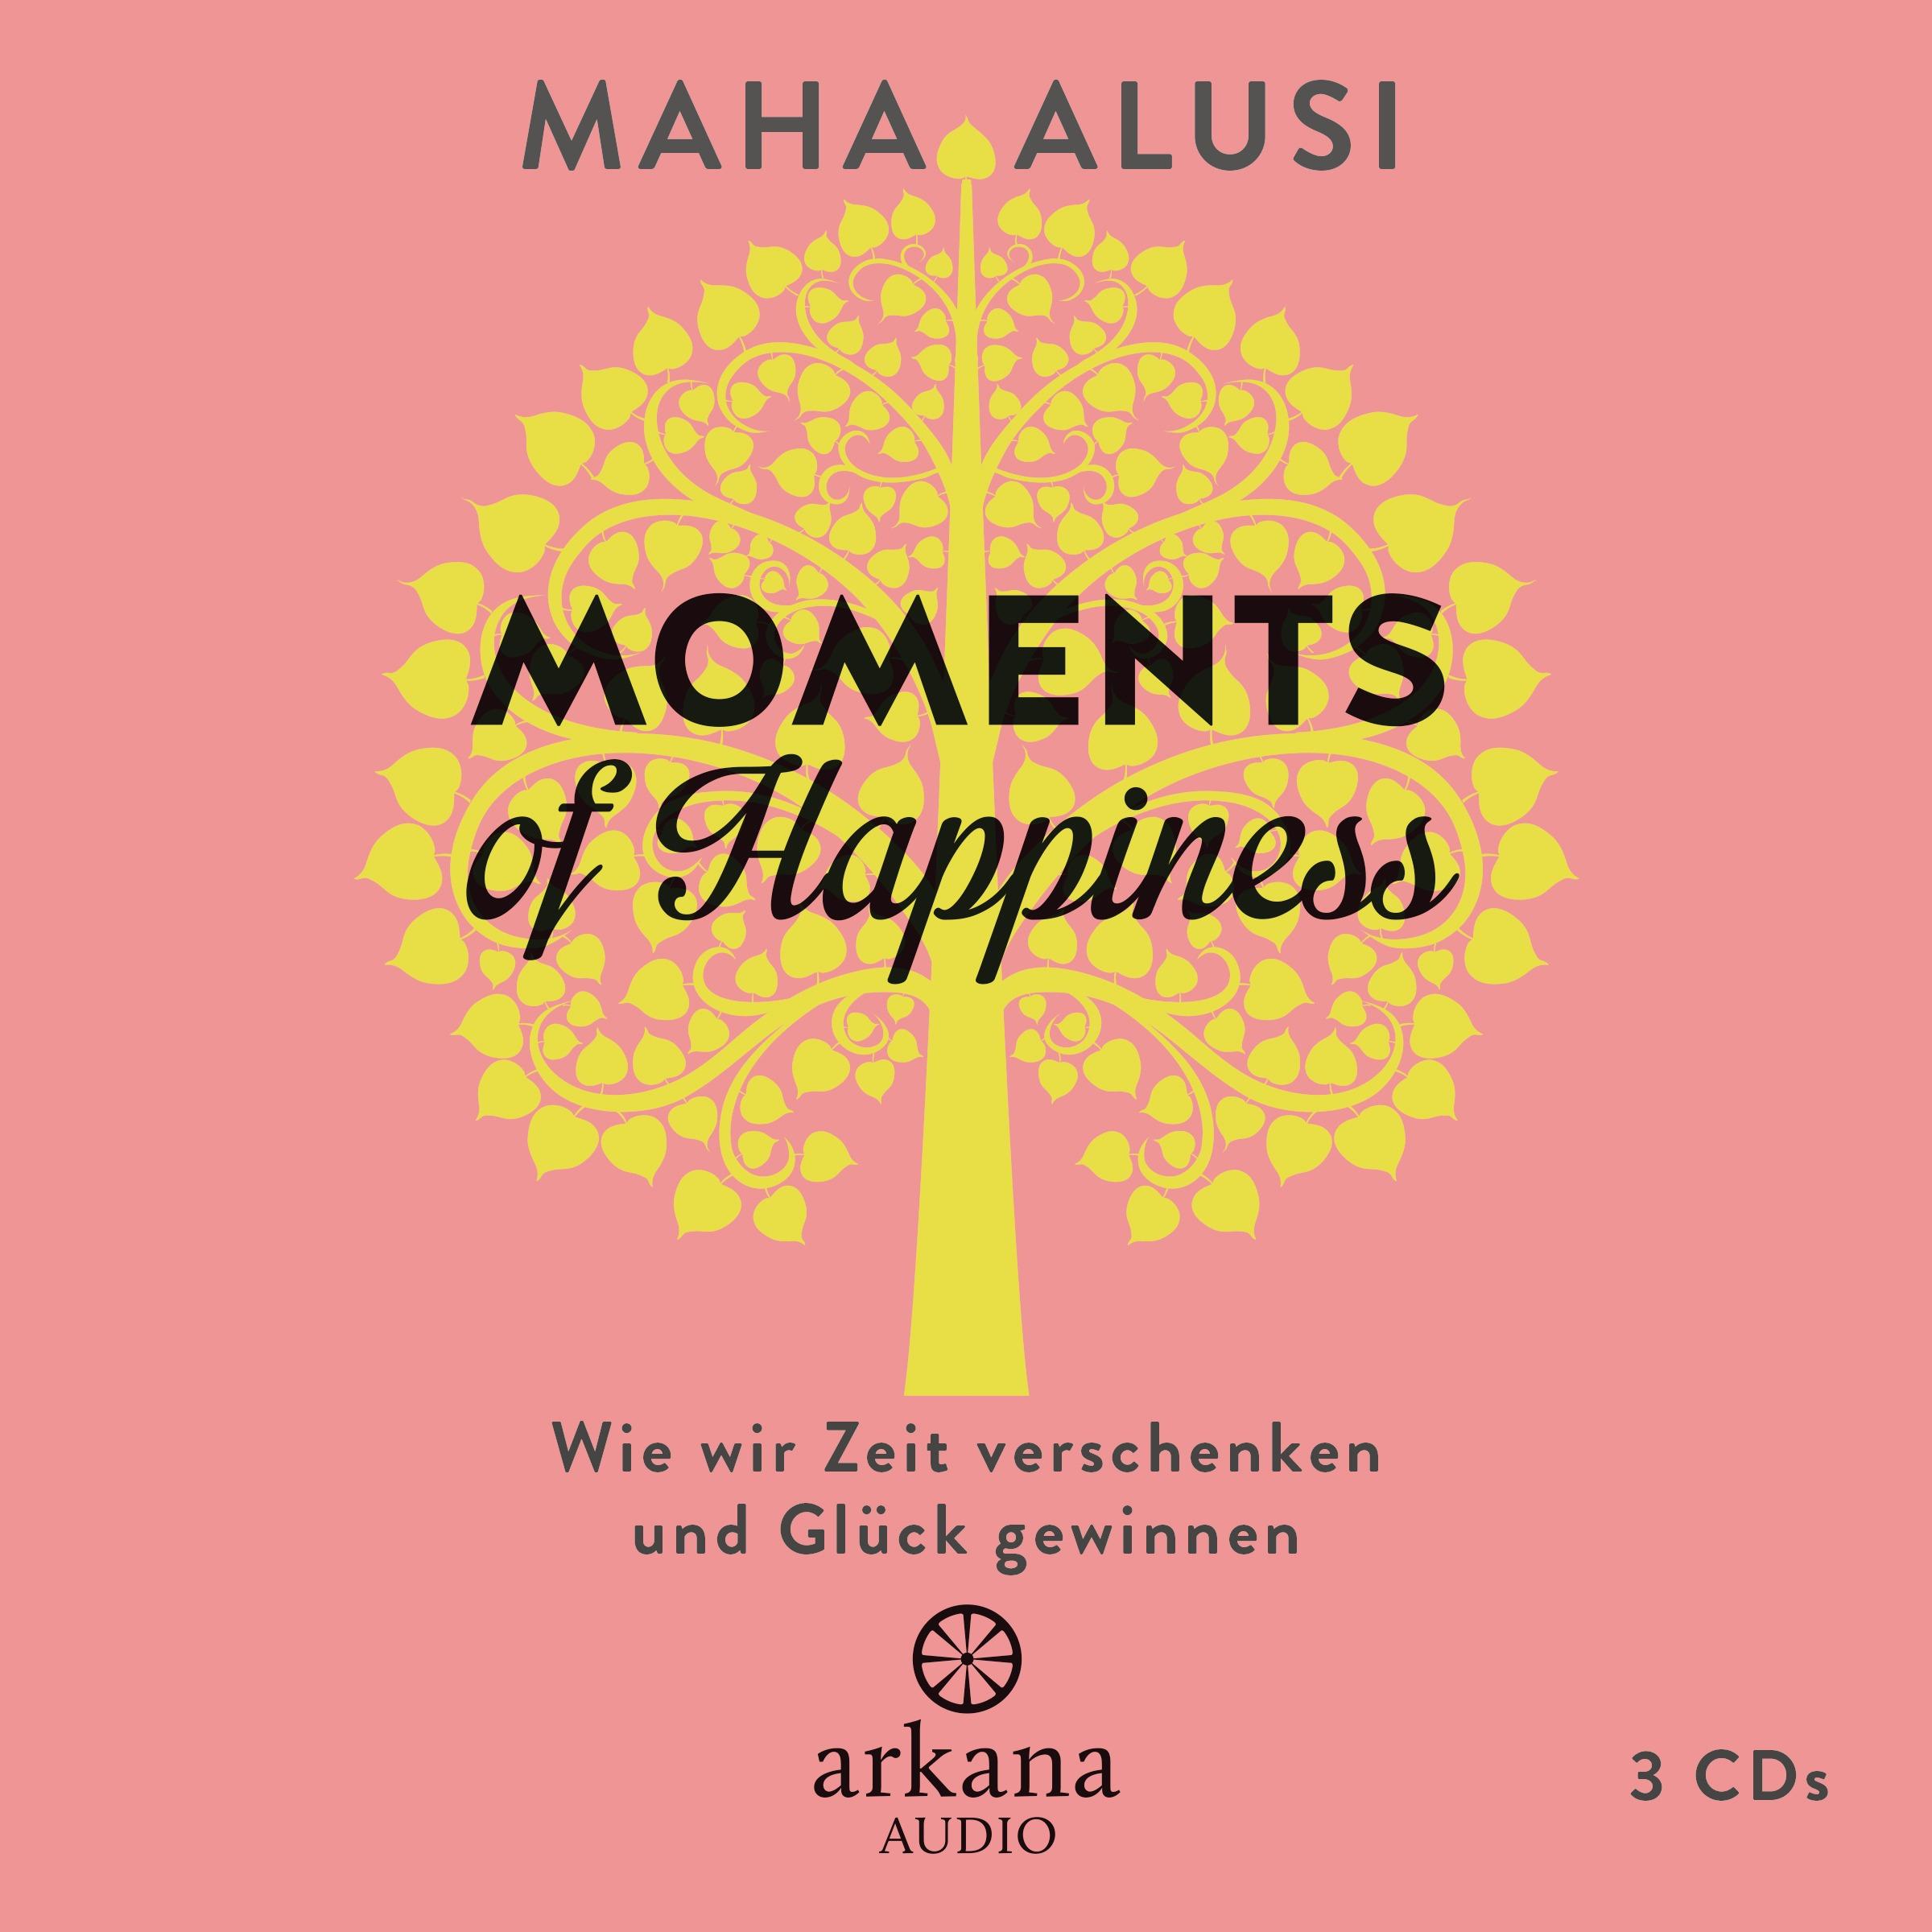 Moments of Happiness: Wie wir Zeit verschenken und Glück gewinnen - Maha Alusi [3 Audio CDs]